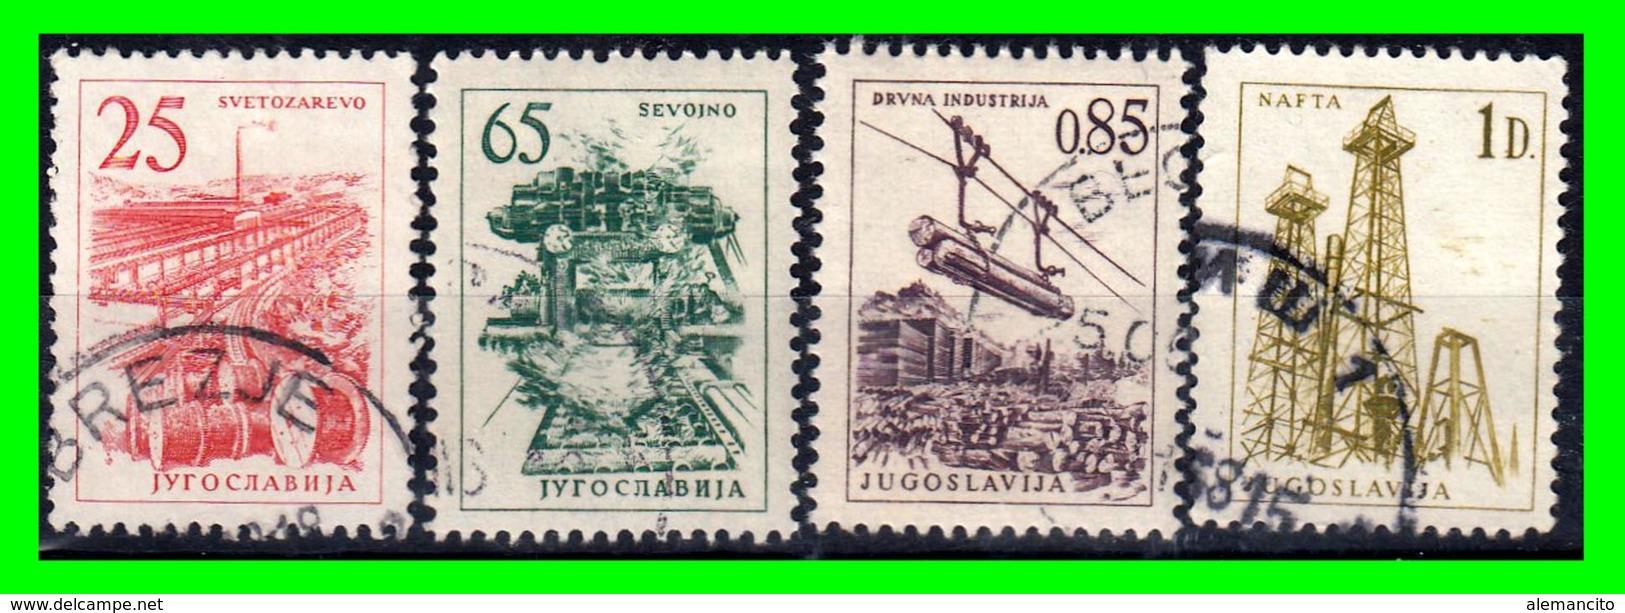 YUGOSLAVIA SELLO AÑO 1961 TECNOLOGIA Y ARQUITECTURA - Usados